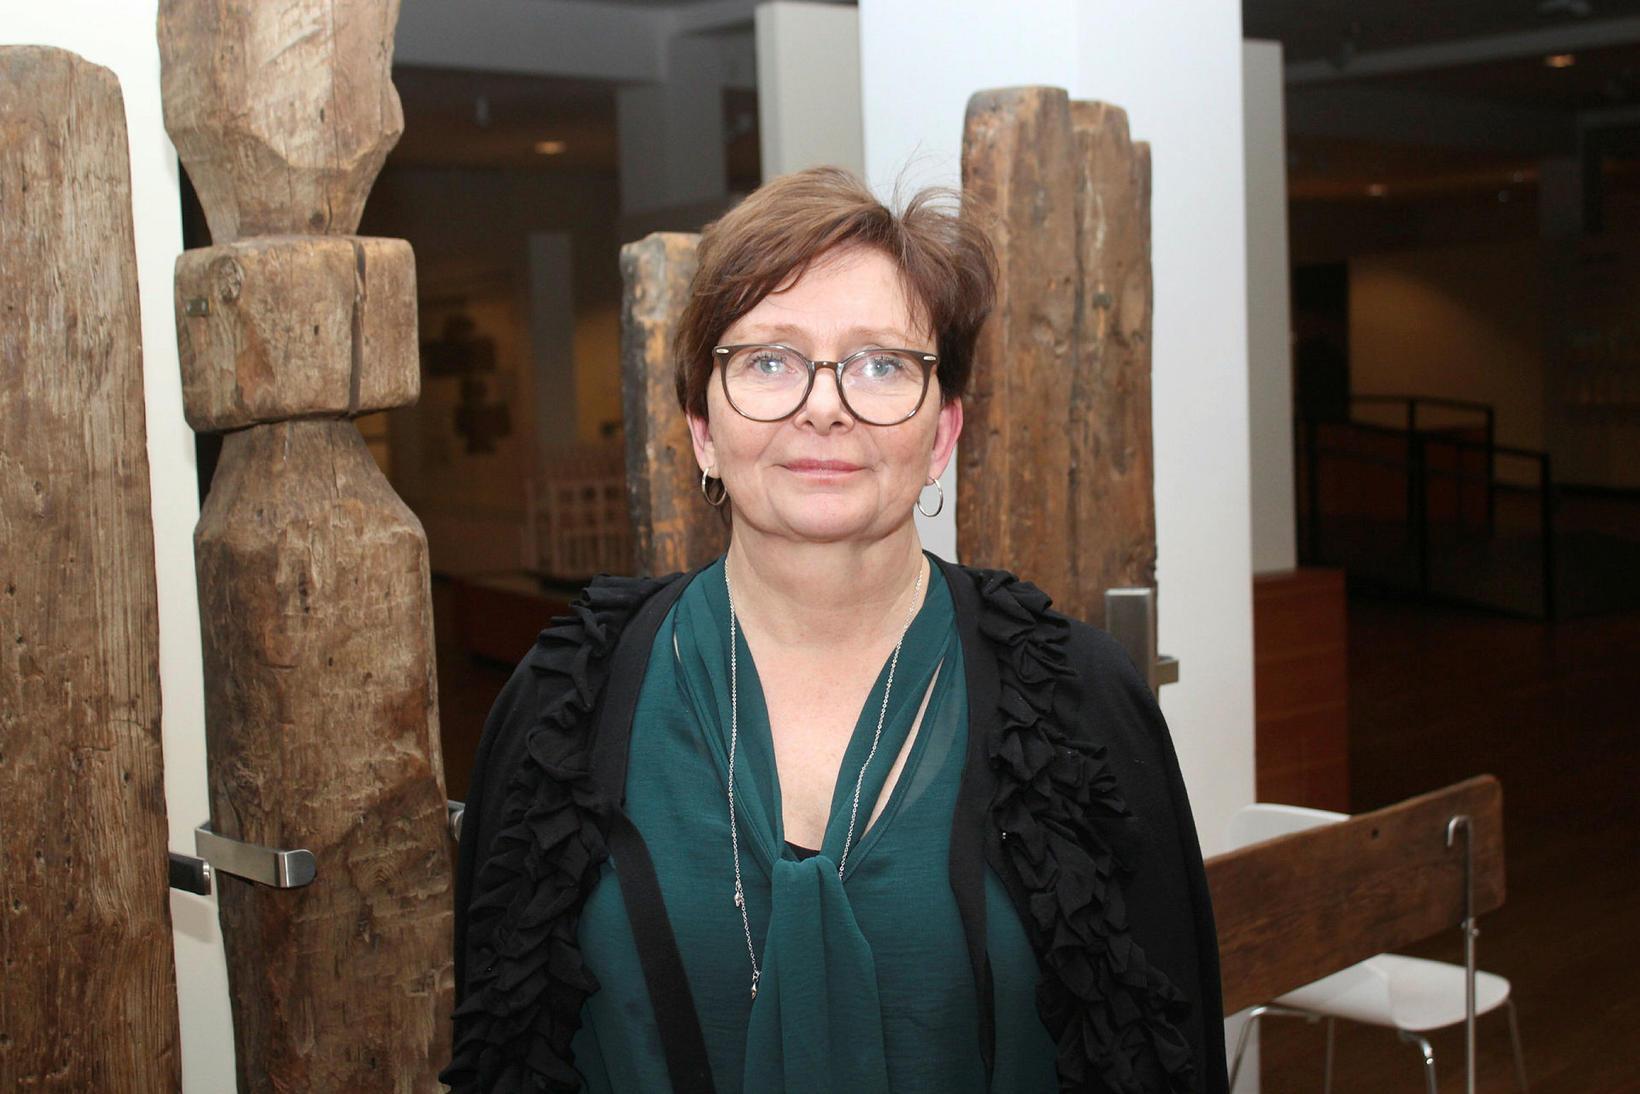 Margrét Hallgrímsdóttir, director of the National Museum of Iceland.